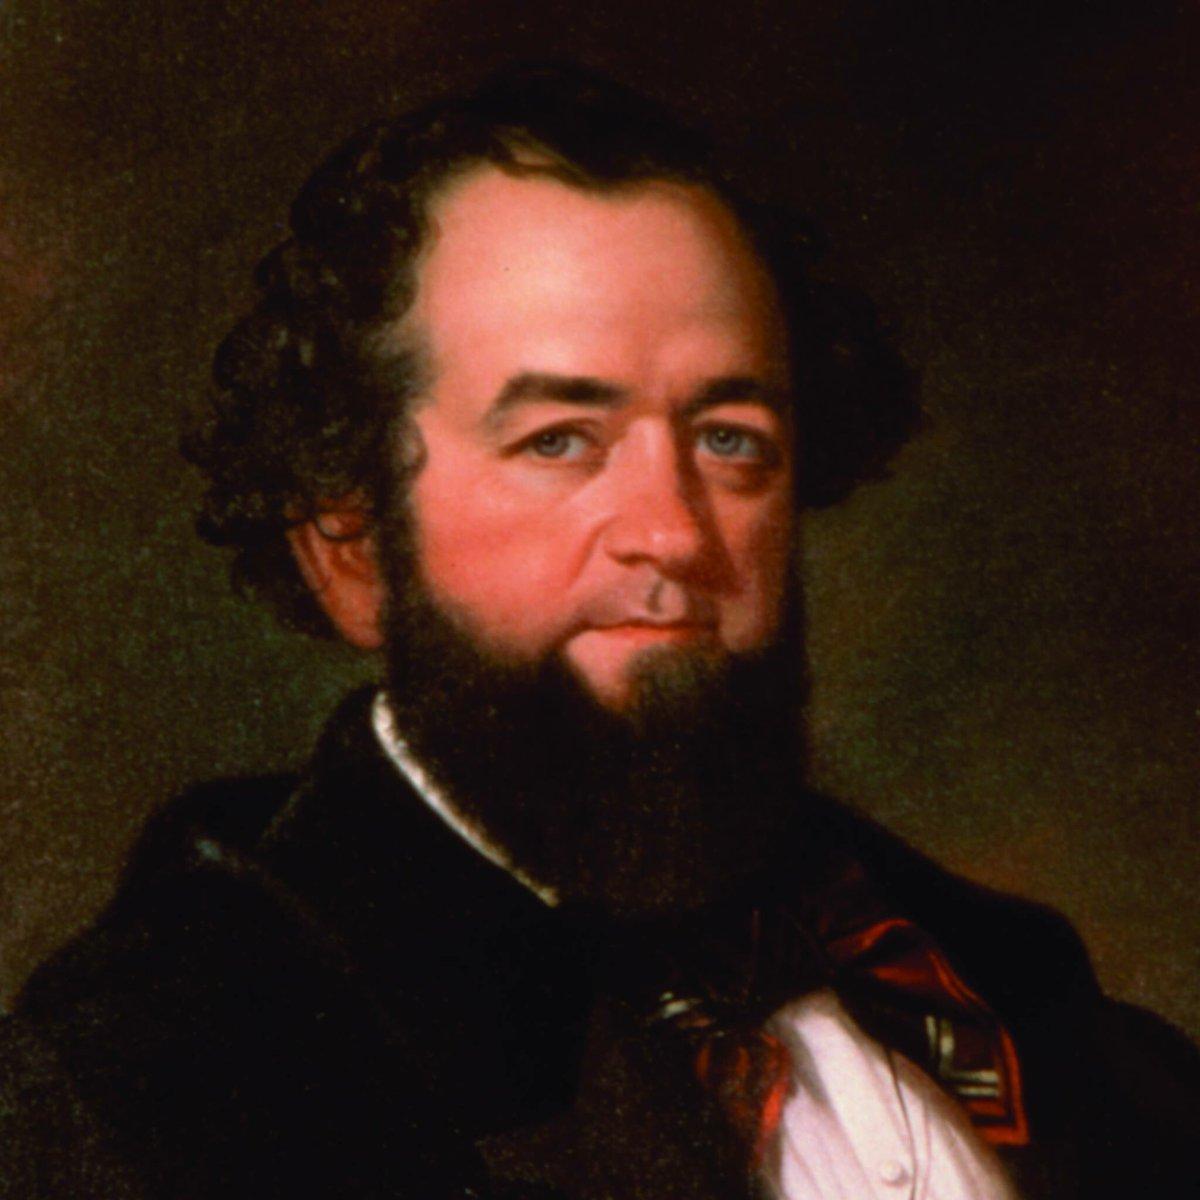 портрет основателя соусов тобаско острый Эдмунд МакалИленни Edmund McIlhenny